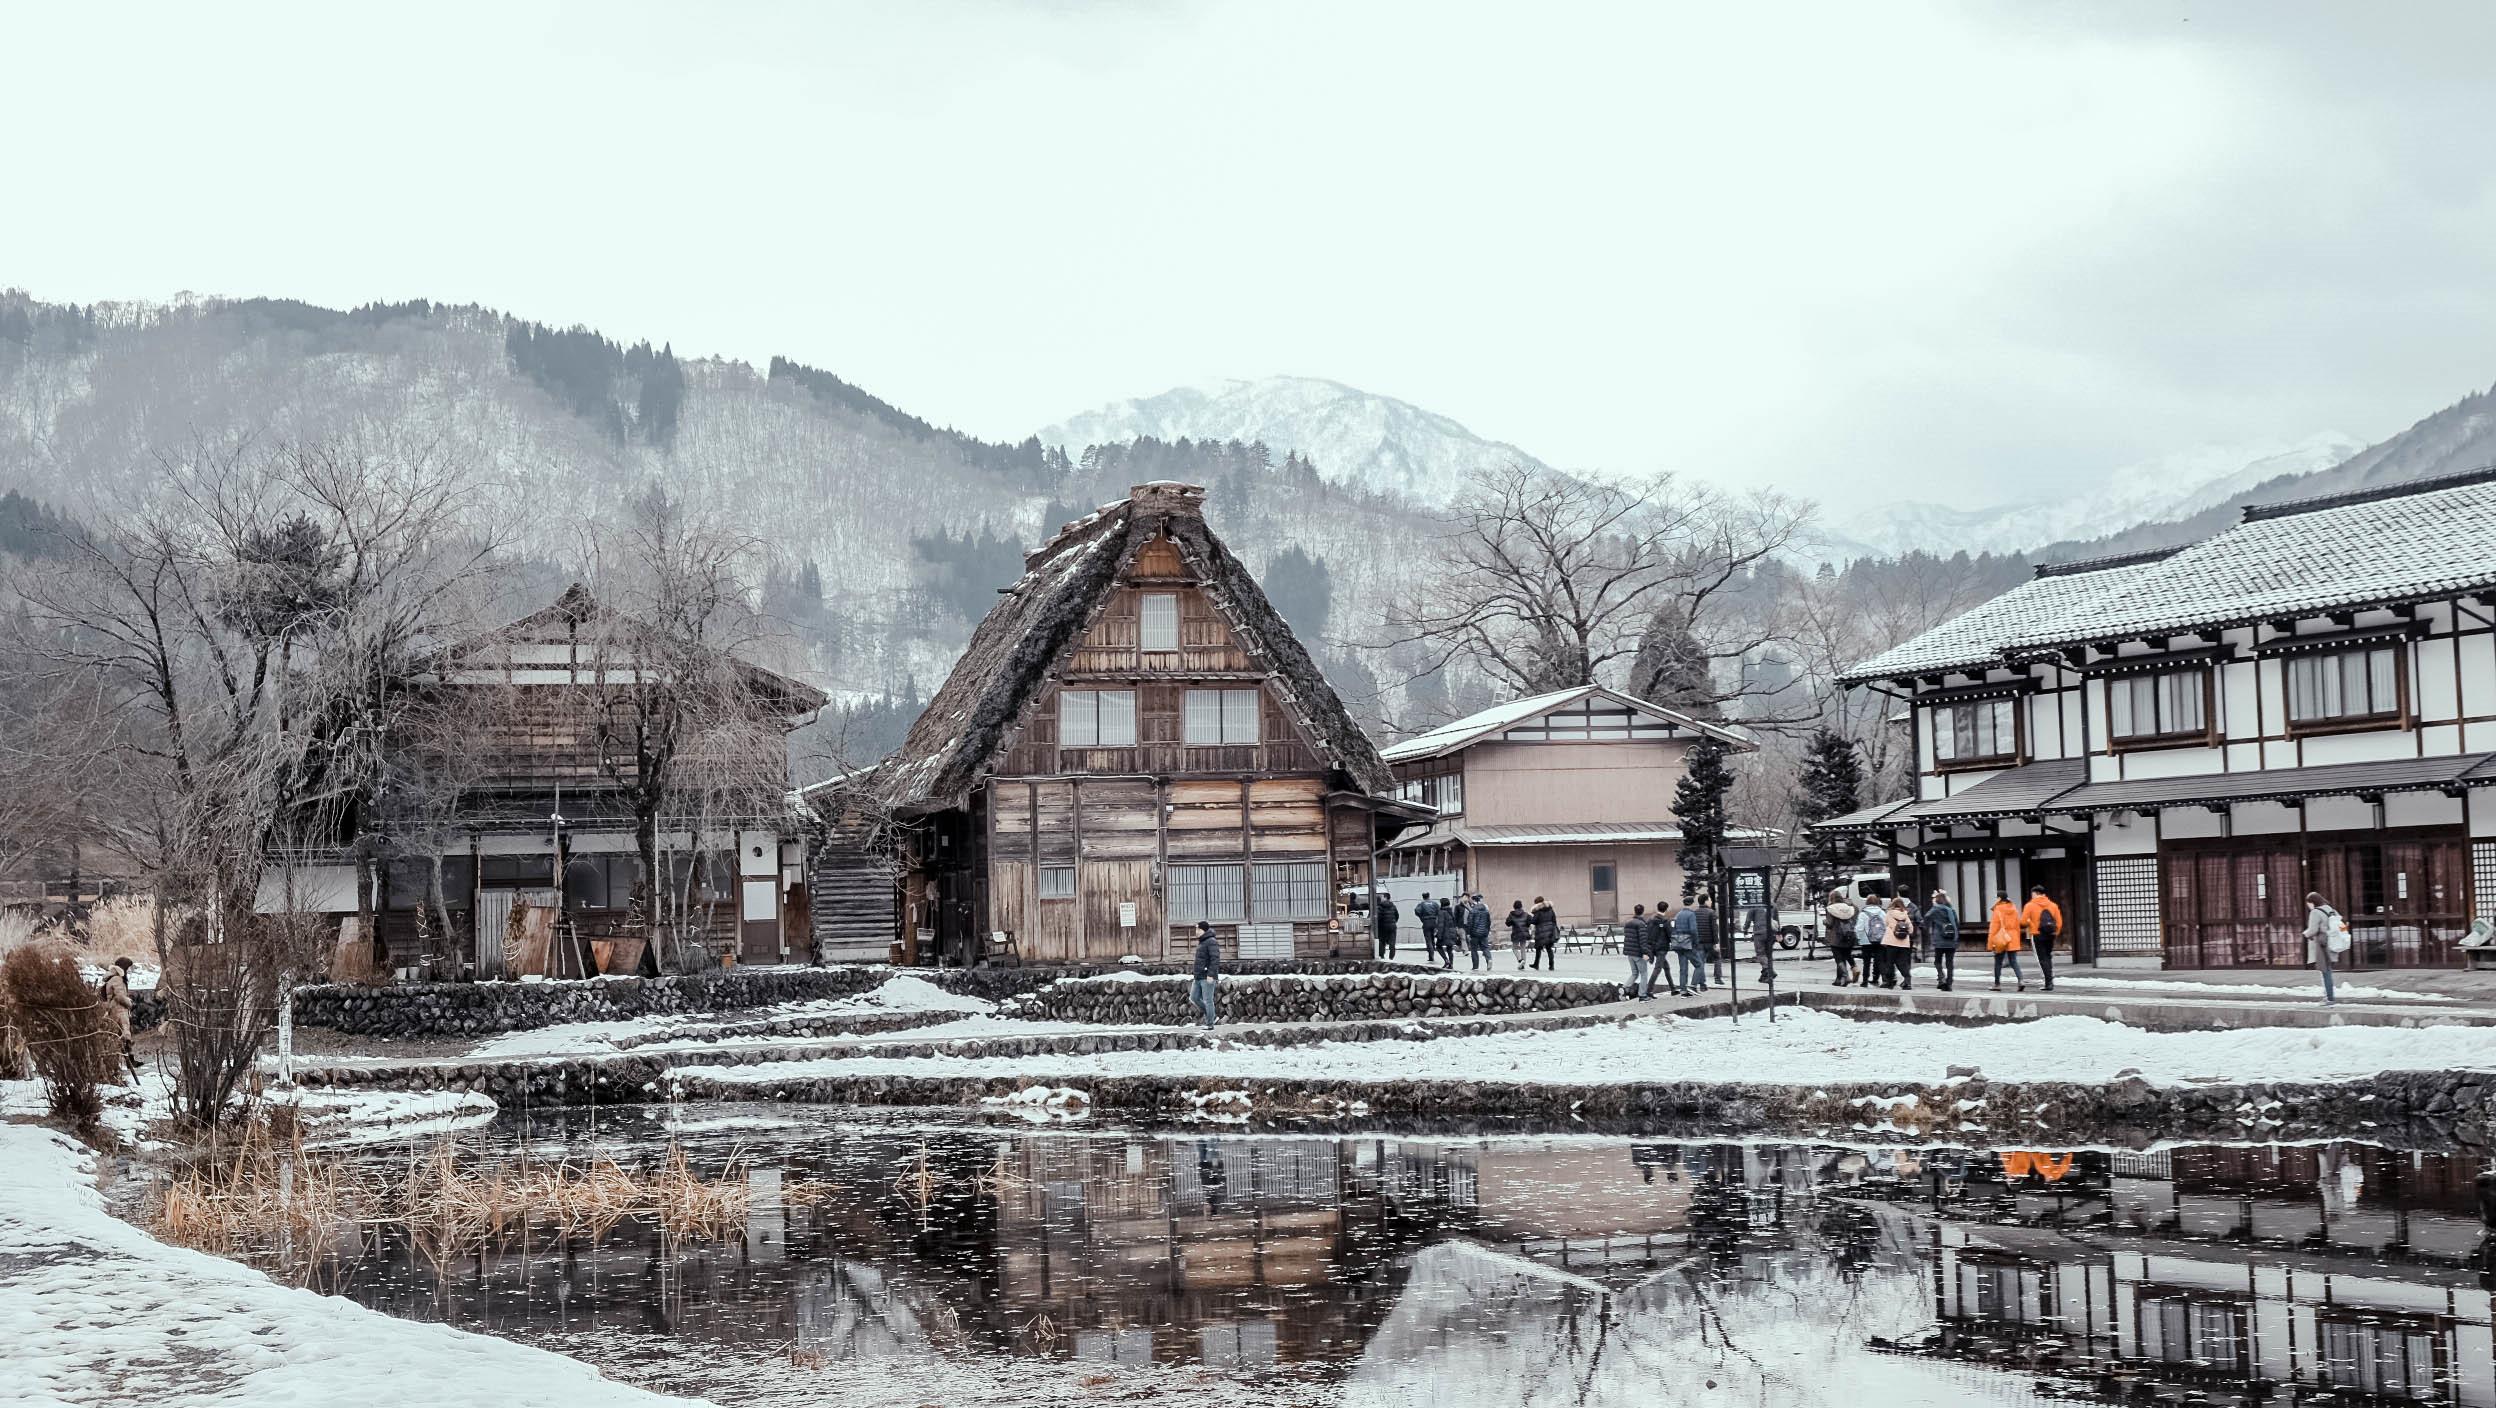 Ảnh làng cổ Shirakawago Nhật Bản mùa đông